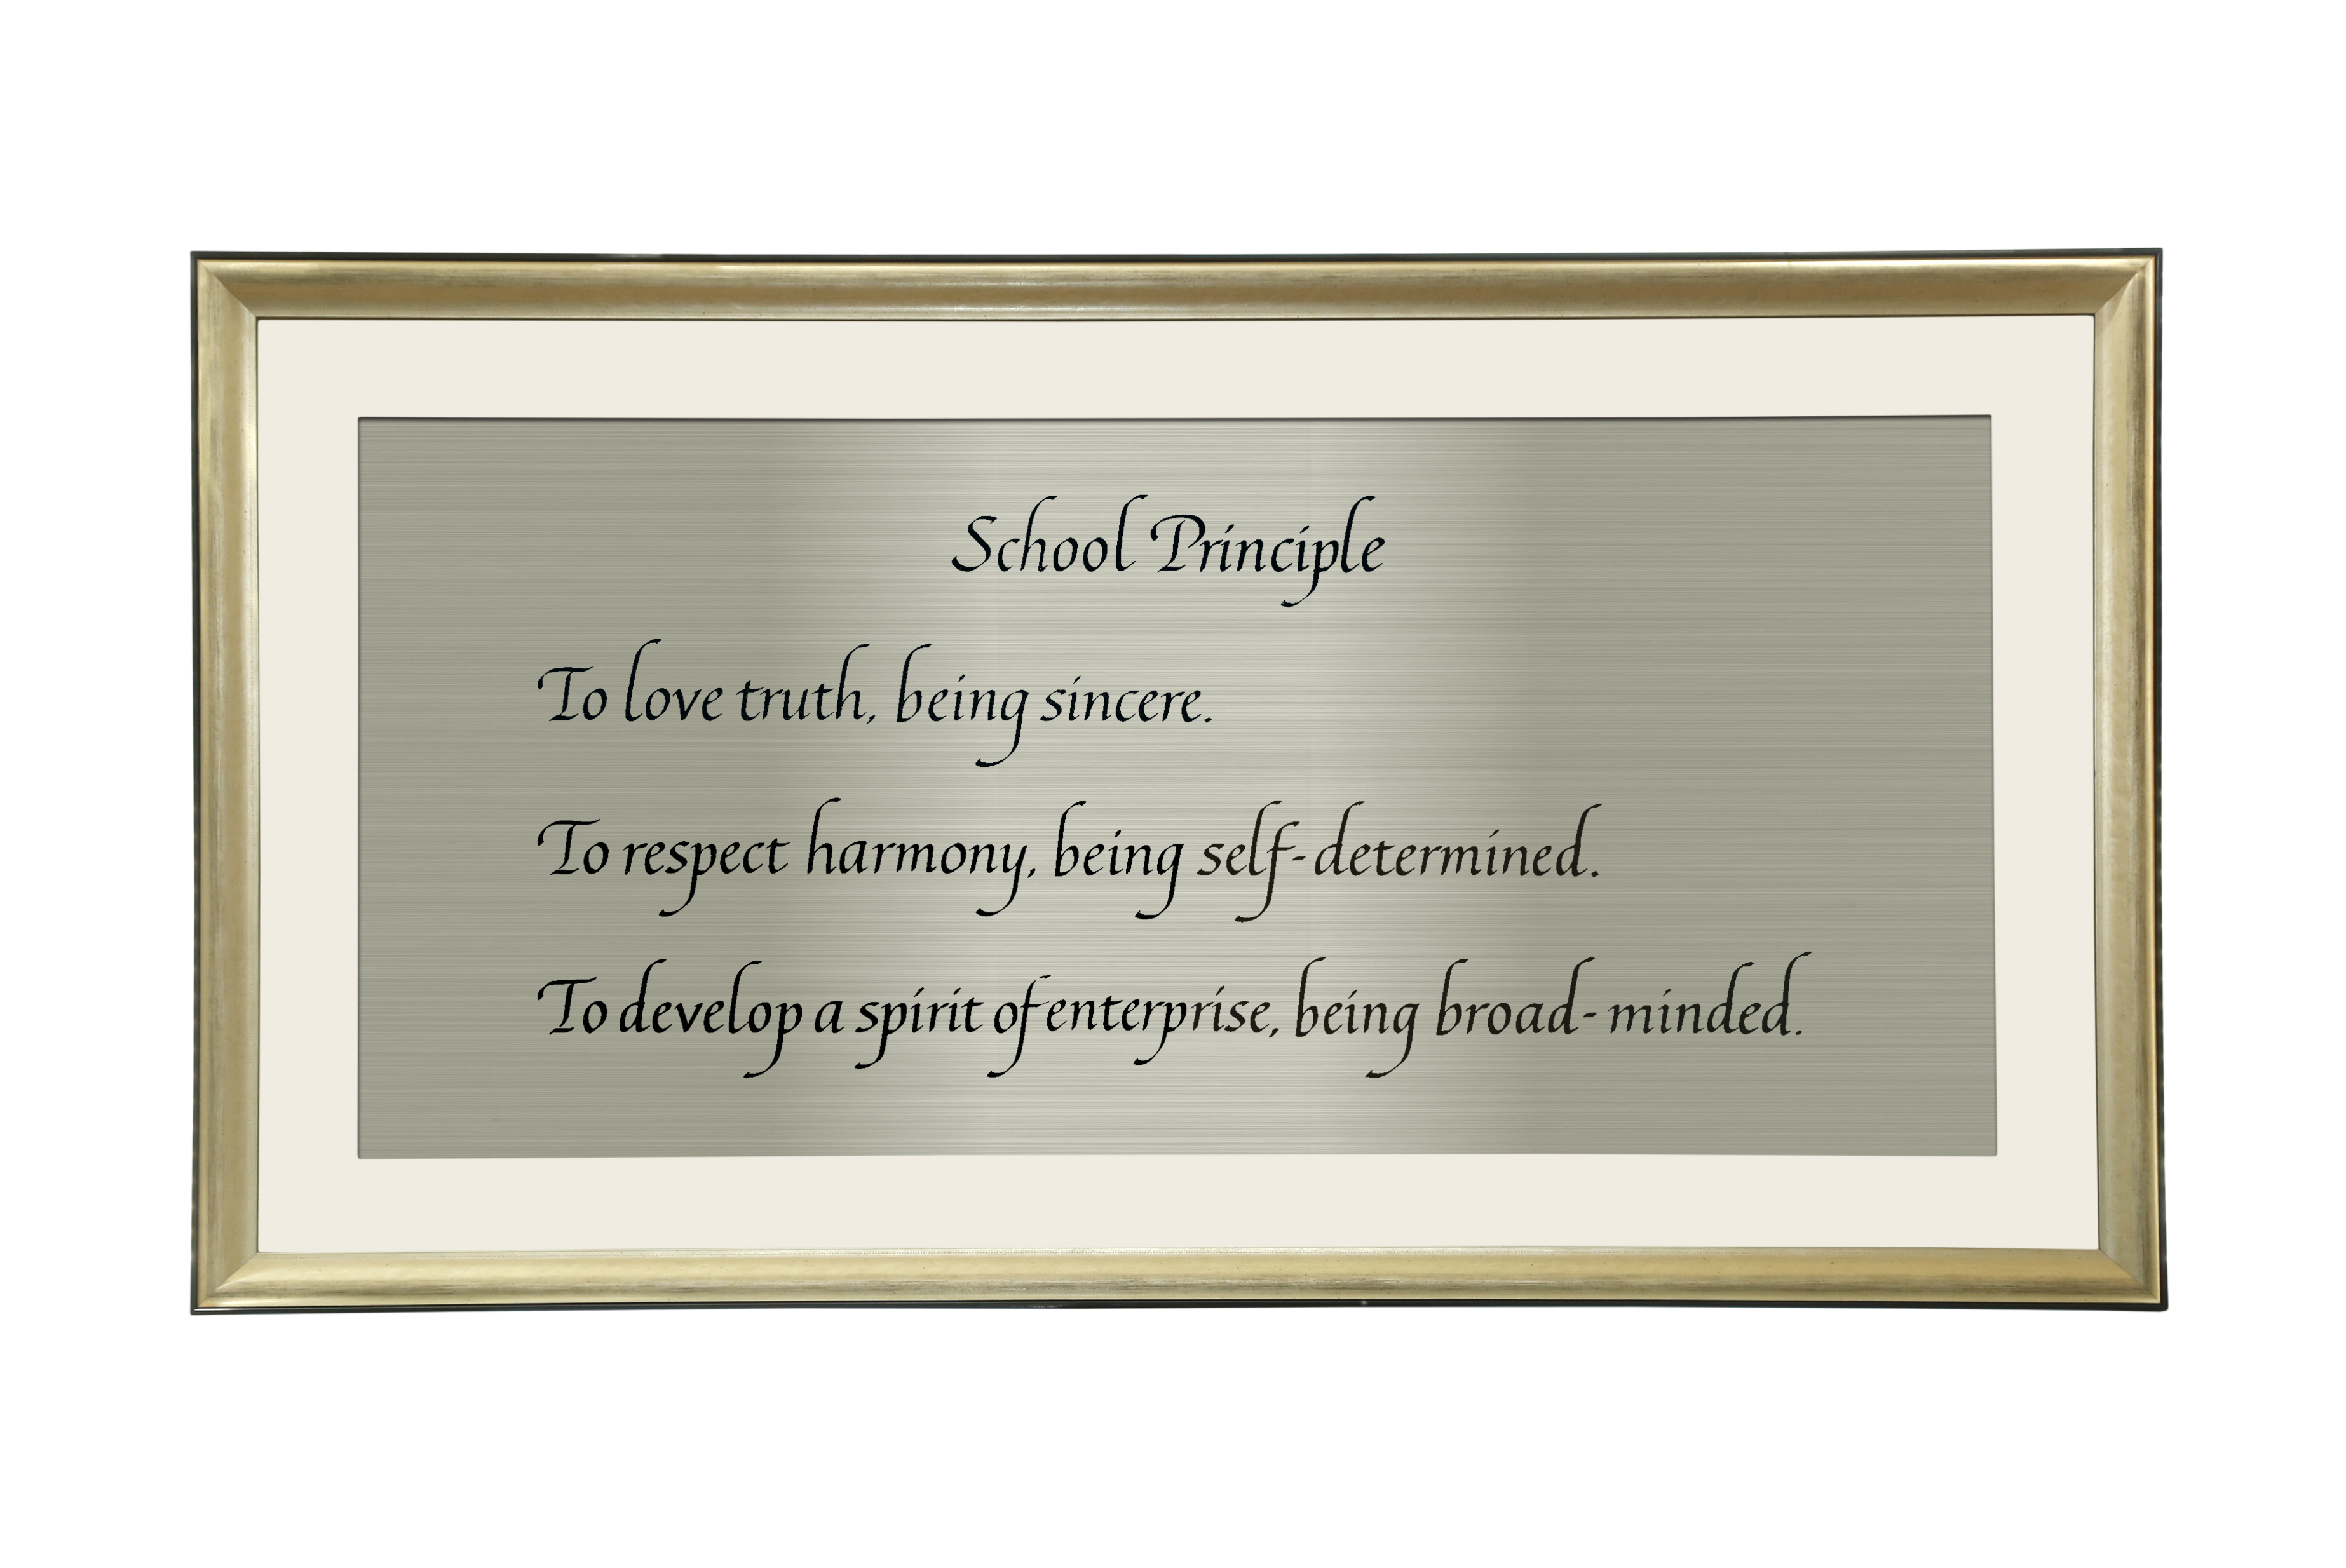 School Principle